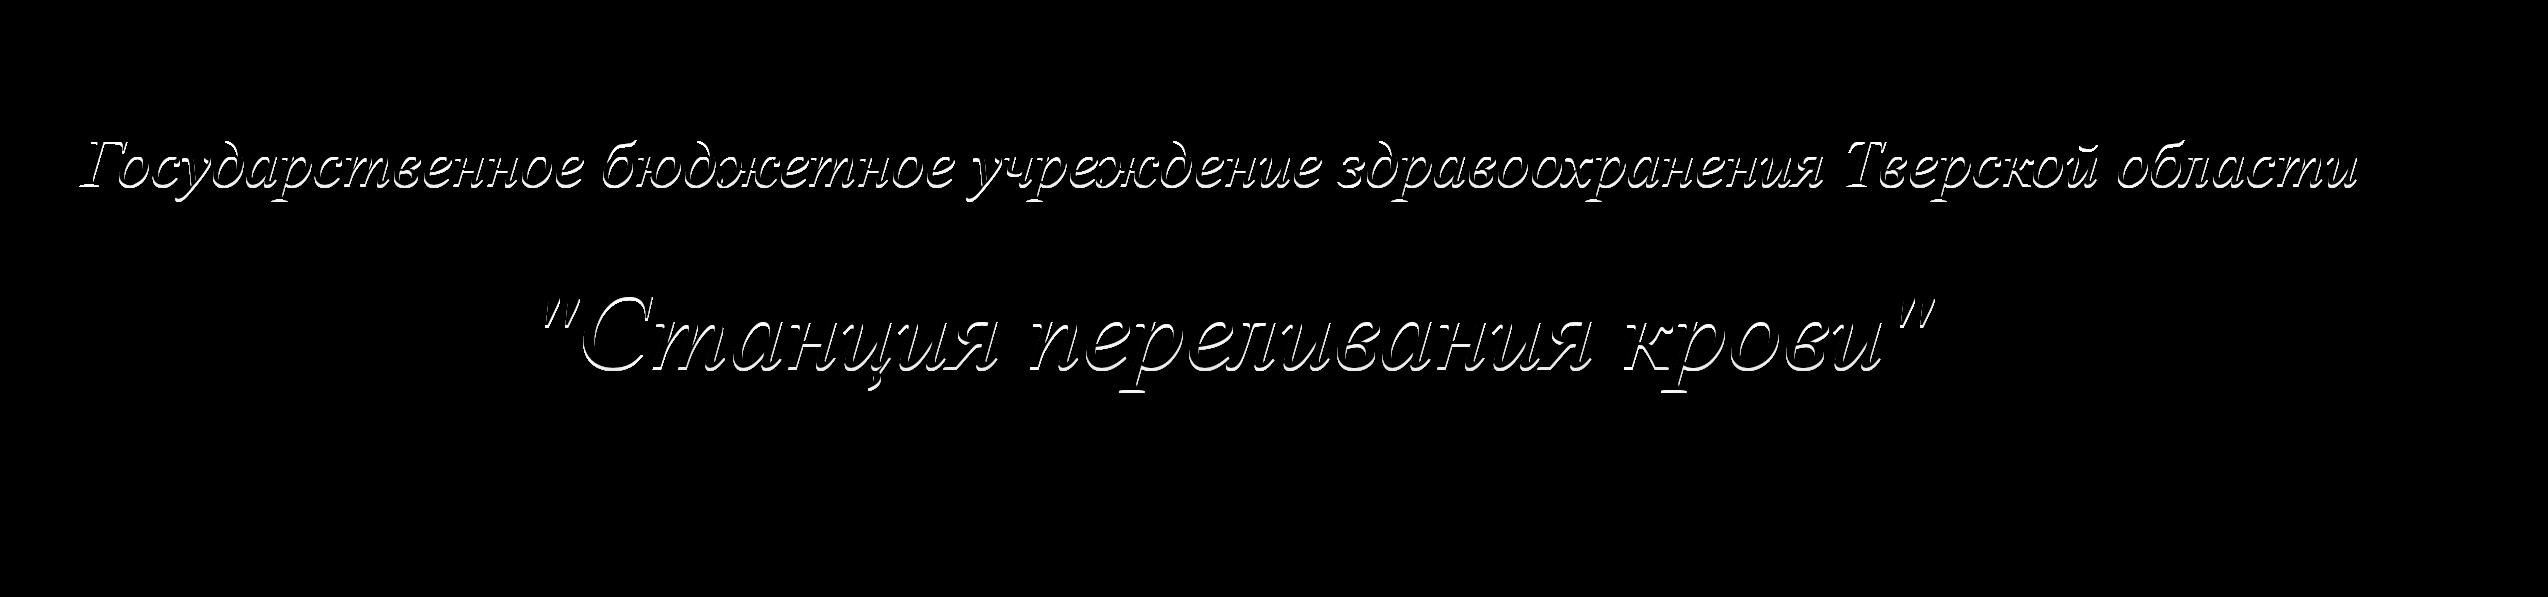 Официальный сайт ГКУЗ «ТОСПК»